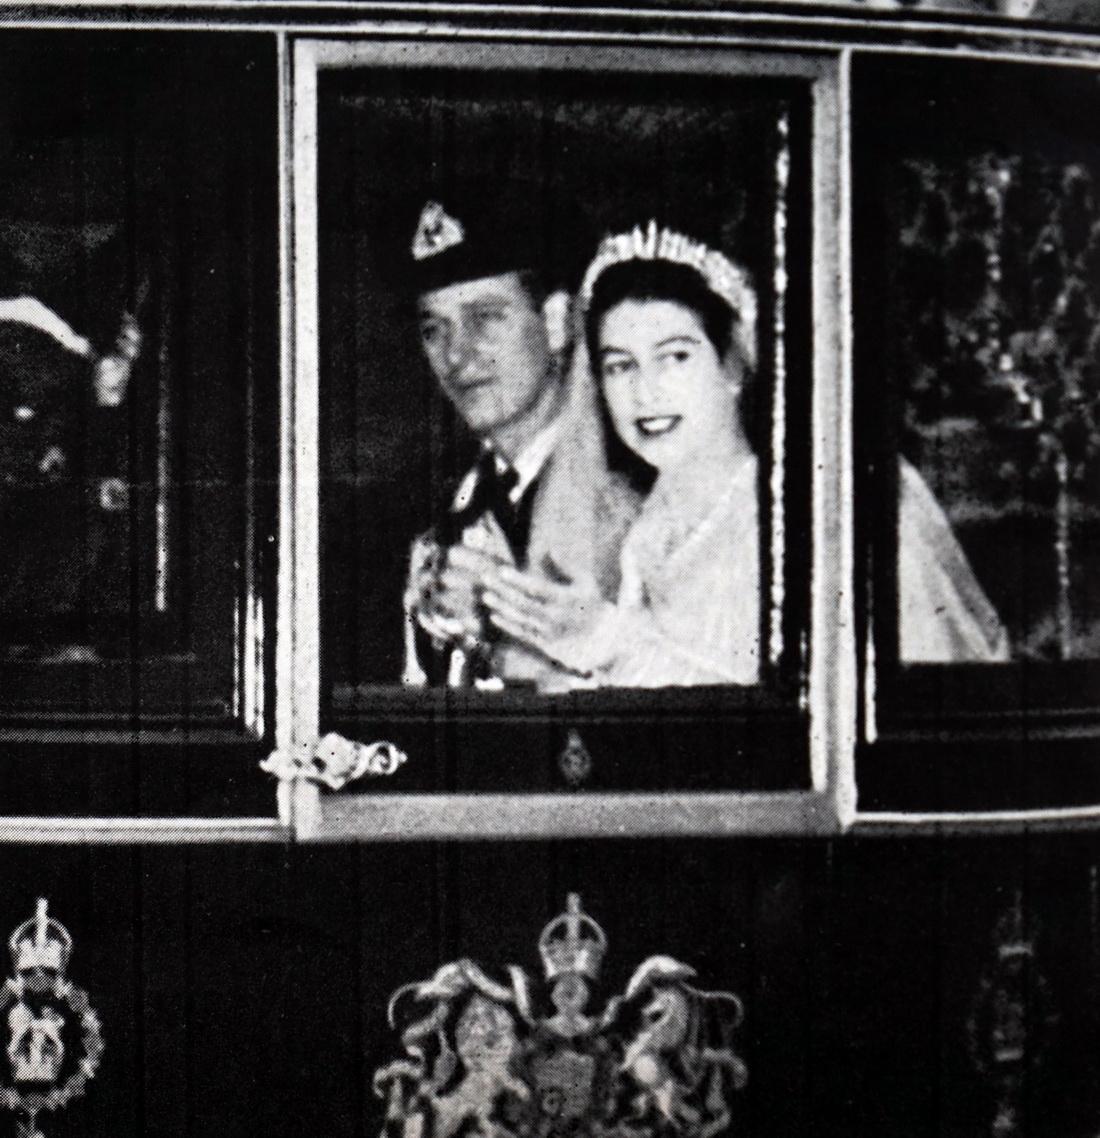 当地时间1947年11月20日,婚礼当日,马车上的新婚夫妇。